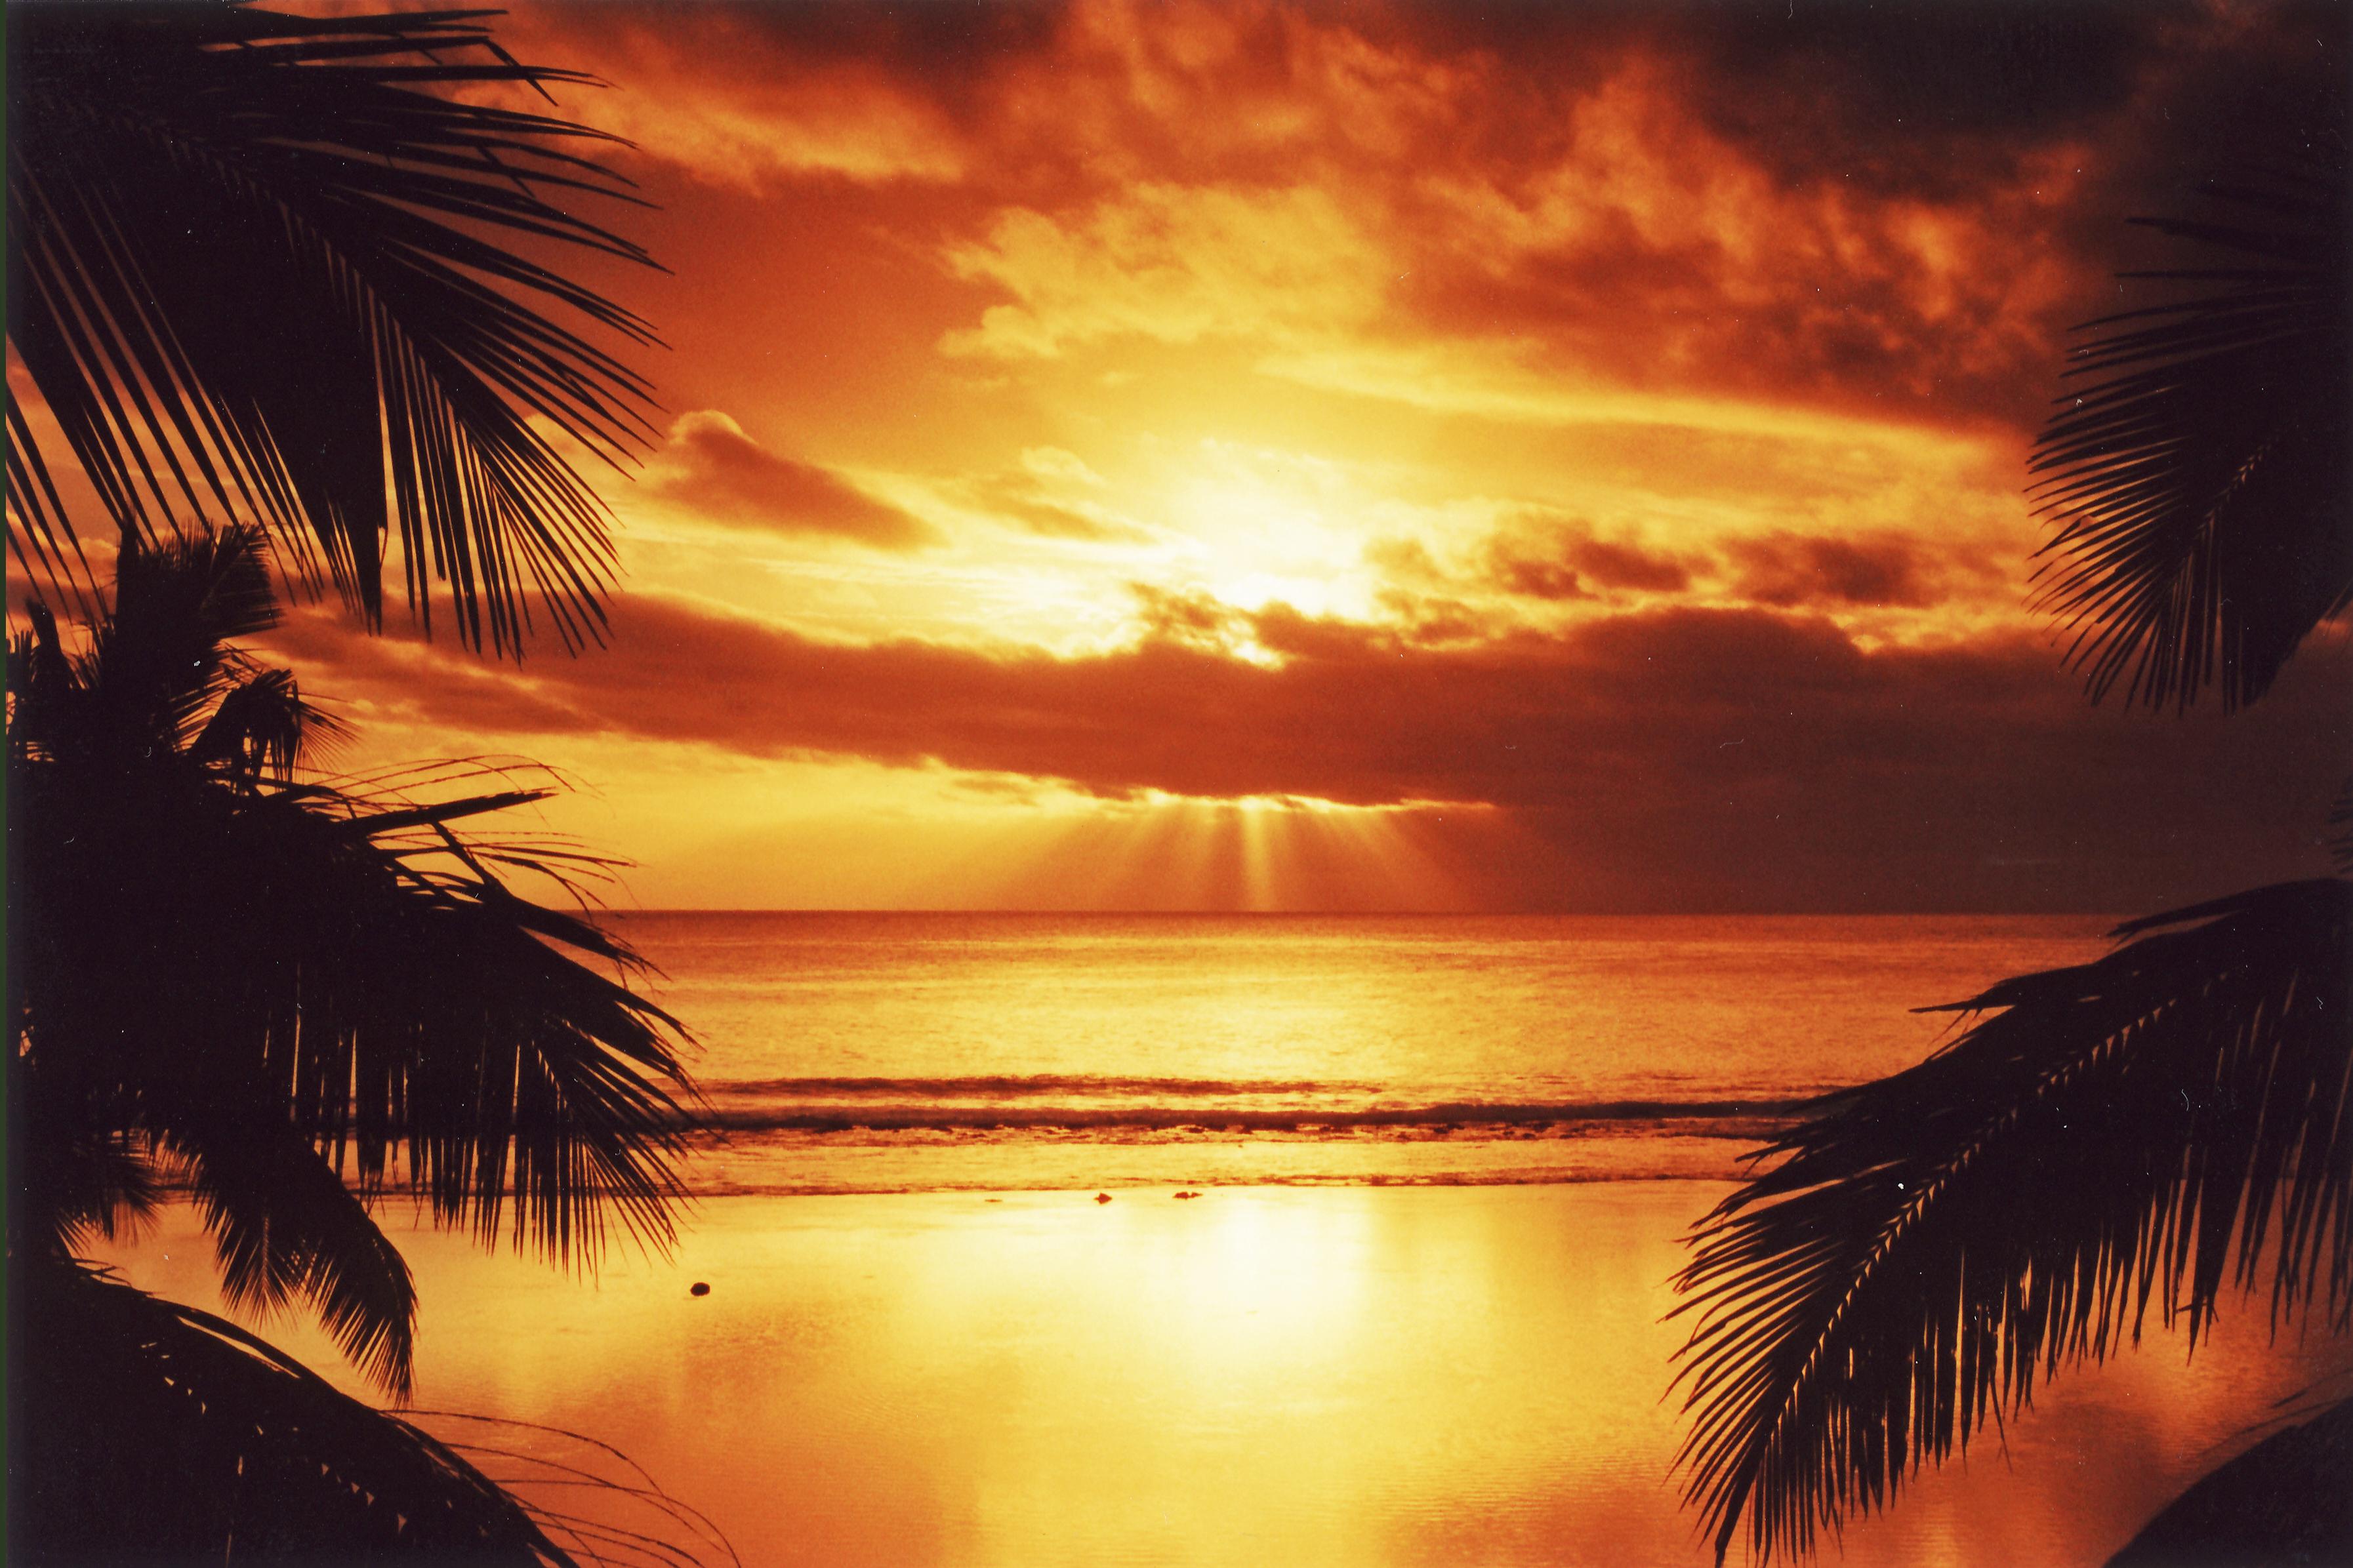 Sunset, Edgewater, Rarotonga, Cook Islands | Mapio.net